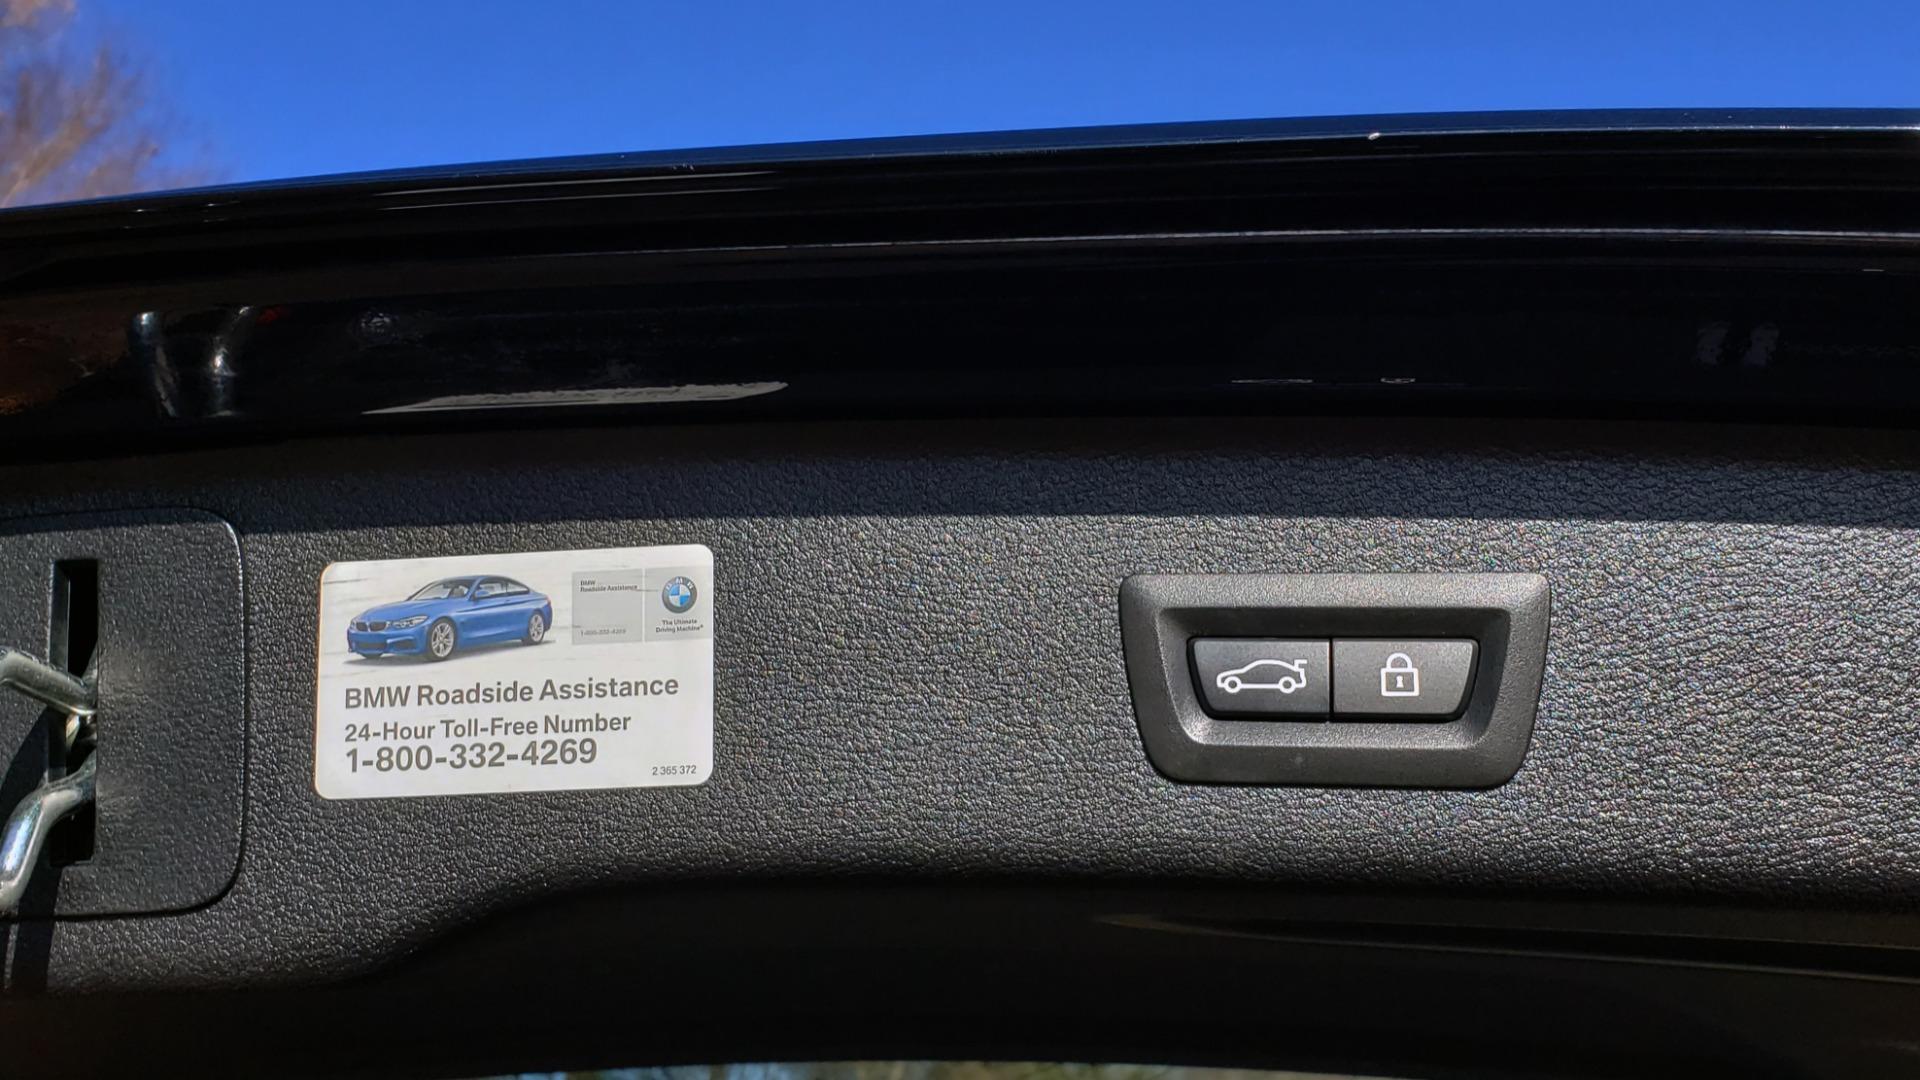 Used 2017 BMW X3 XDRIVE28I / PREM PKG / NAV / DRVR ASST / HTD STS / CAMERAS for sale Sold at Formula Imports in Charlotte NC 28227 35